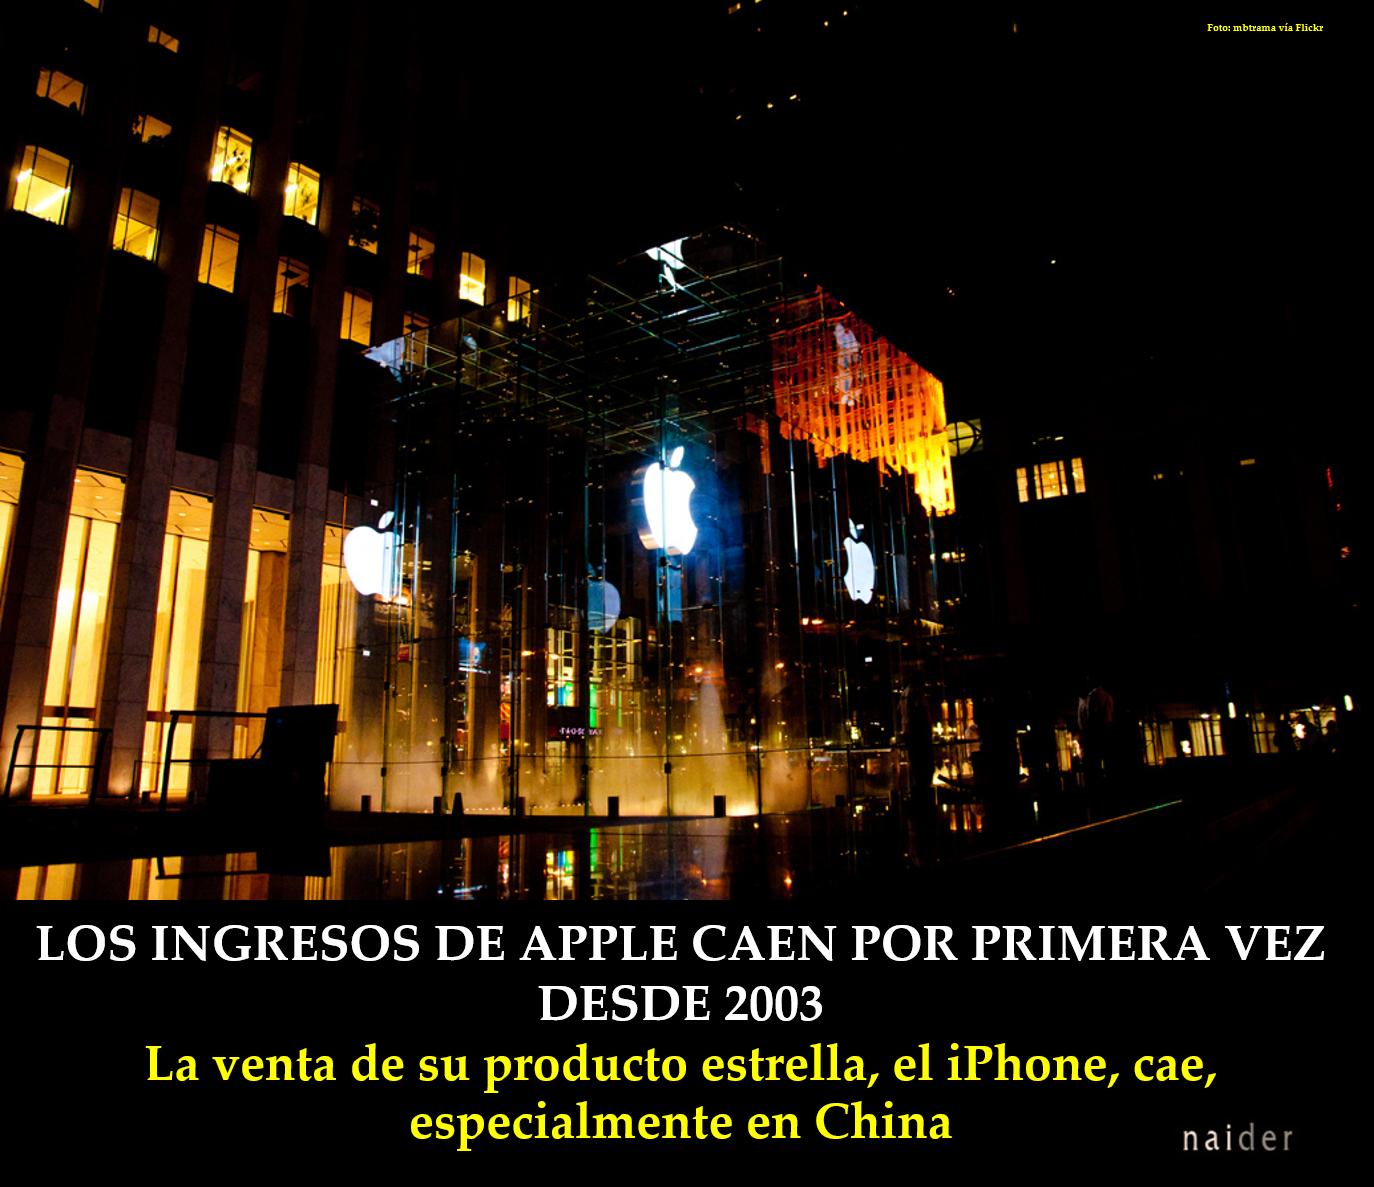 Los ingresos de Apple caen por primera vez desde 2003 infopost